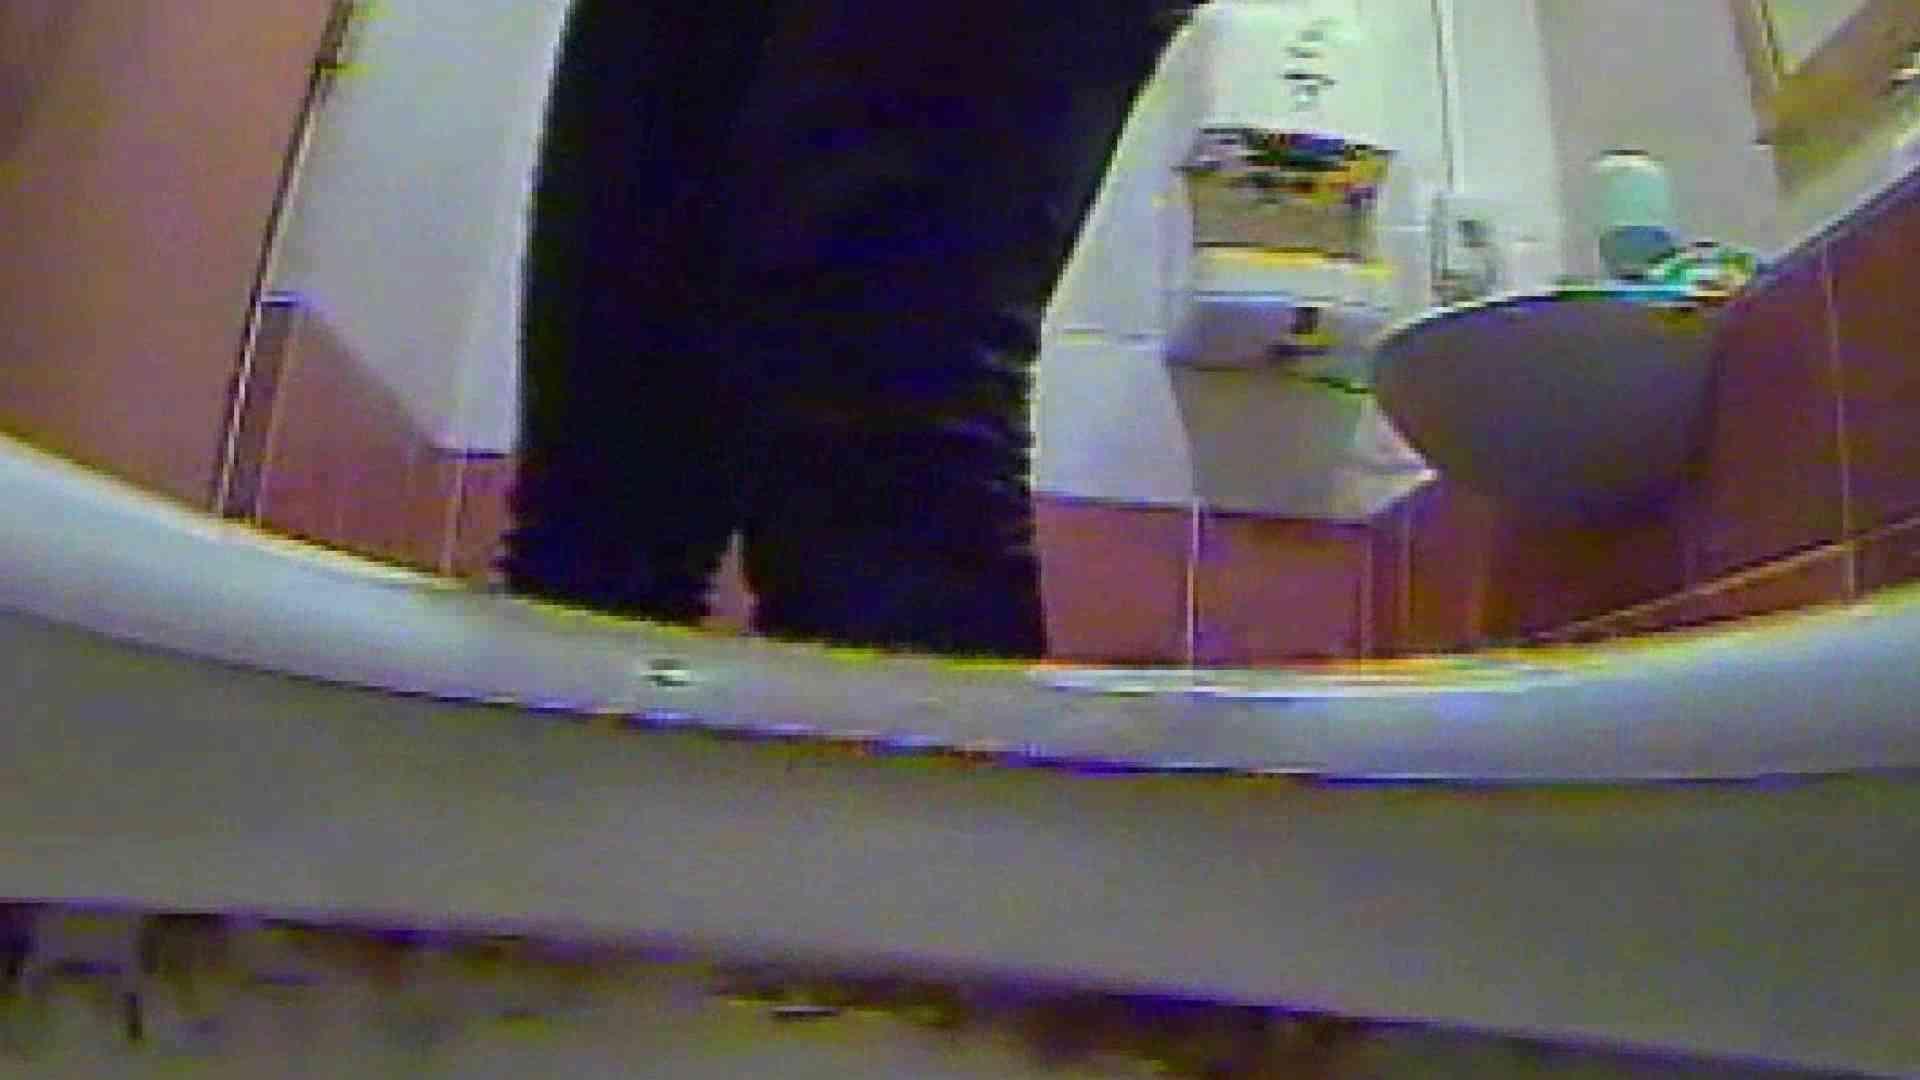 キレカワ女子大生の秘密の洗面所!Vol.017 洗面所はめどり | エロティックなOL  93画像 25